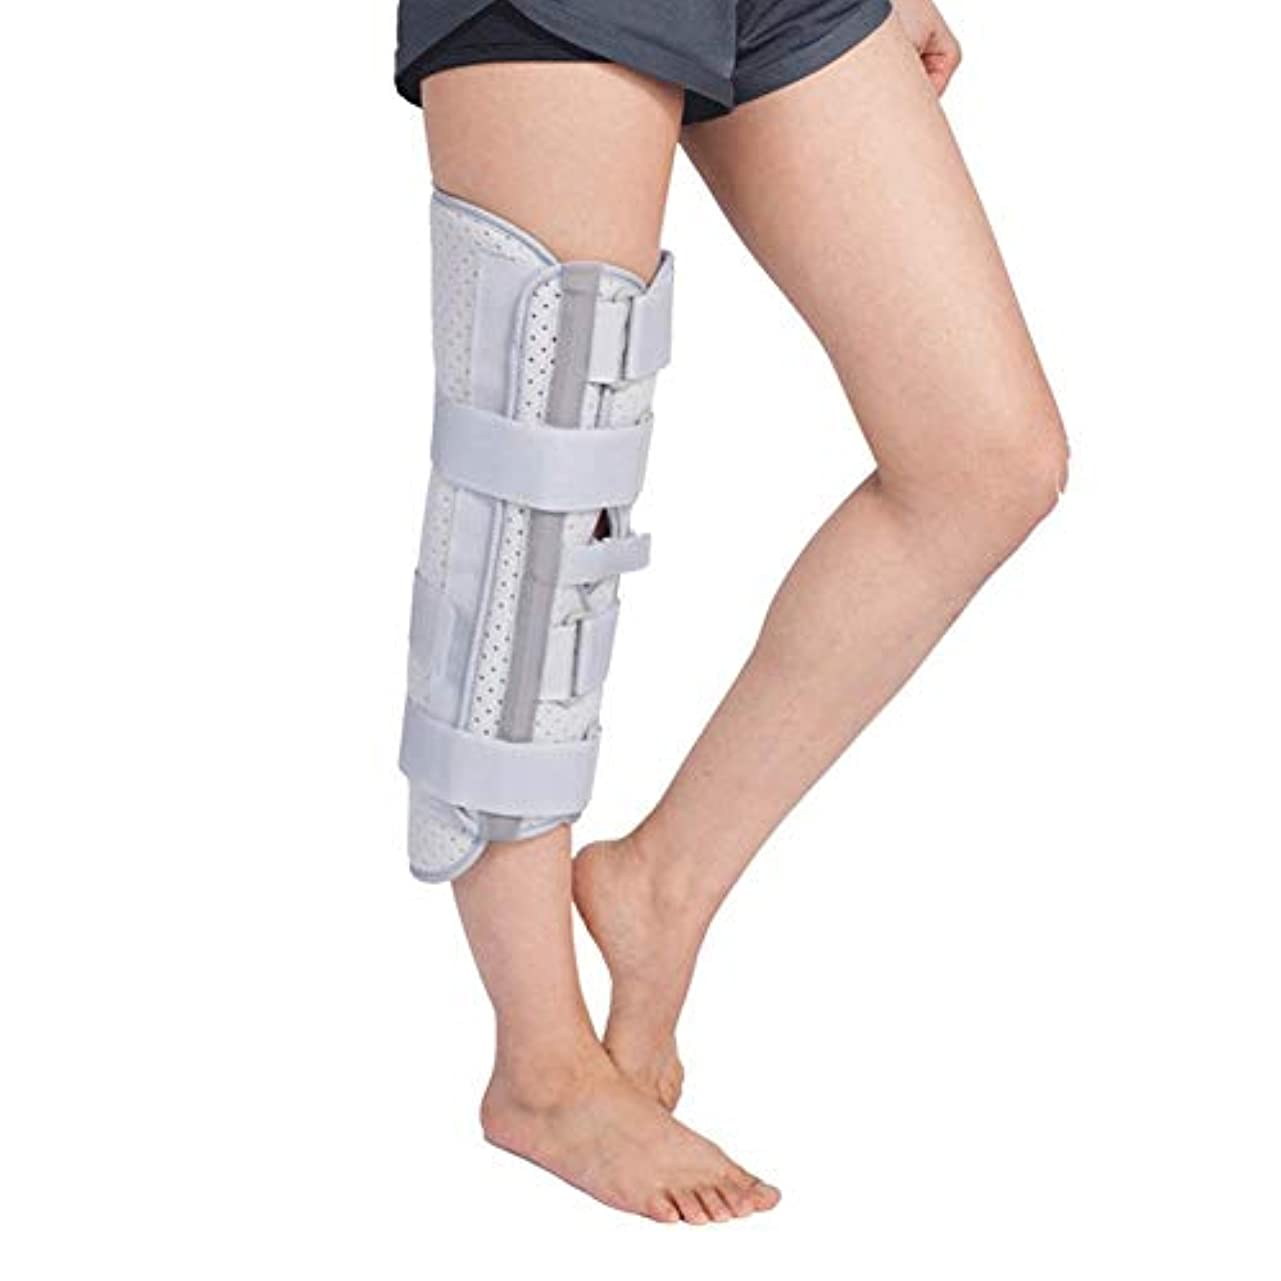 ヒステリックごめんなさいアンデス山脈膝ポストプリ操作&手術の回復ストレート膝スプリントのサポートのために、適切な通気性と軽量膝固定装具、全下肢装具 (Size : L)